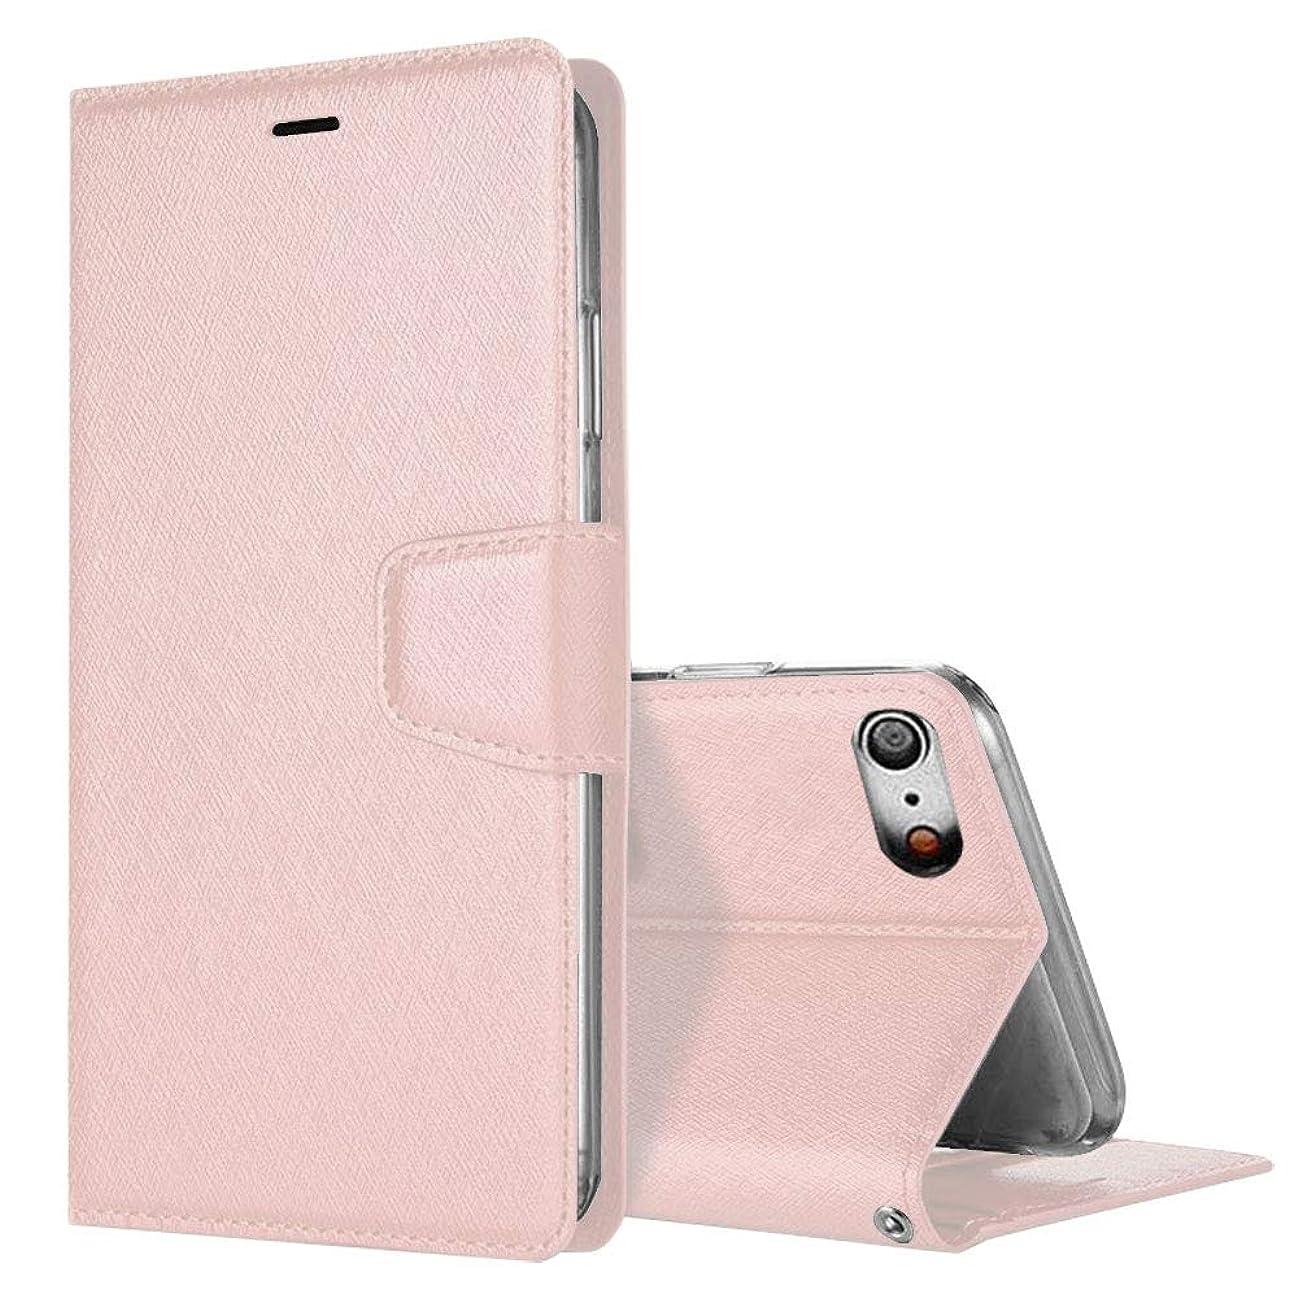 ストライプサラダめるiPhone8 ケース iPhone7 ケース 手帳型 レザー 耐衝撃 全面保護 サイドマグネット カード収納 スタンド 機能 カバー シンプル 高級 スマホケース ローズゴールド